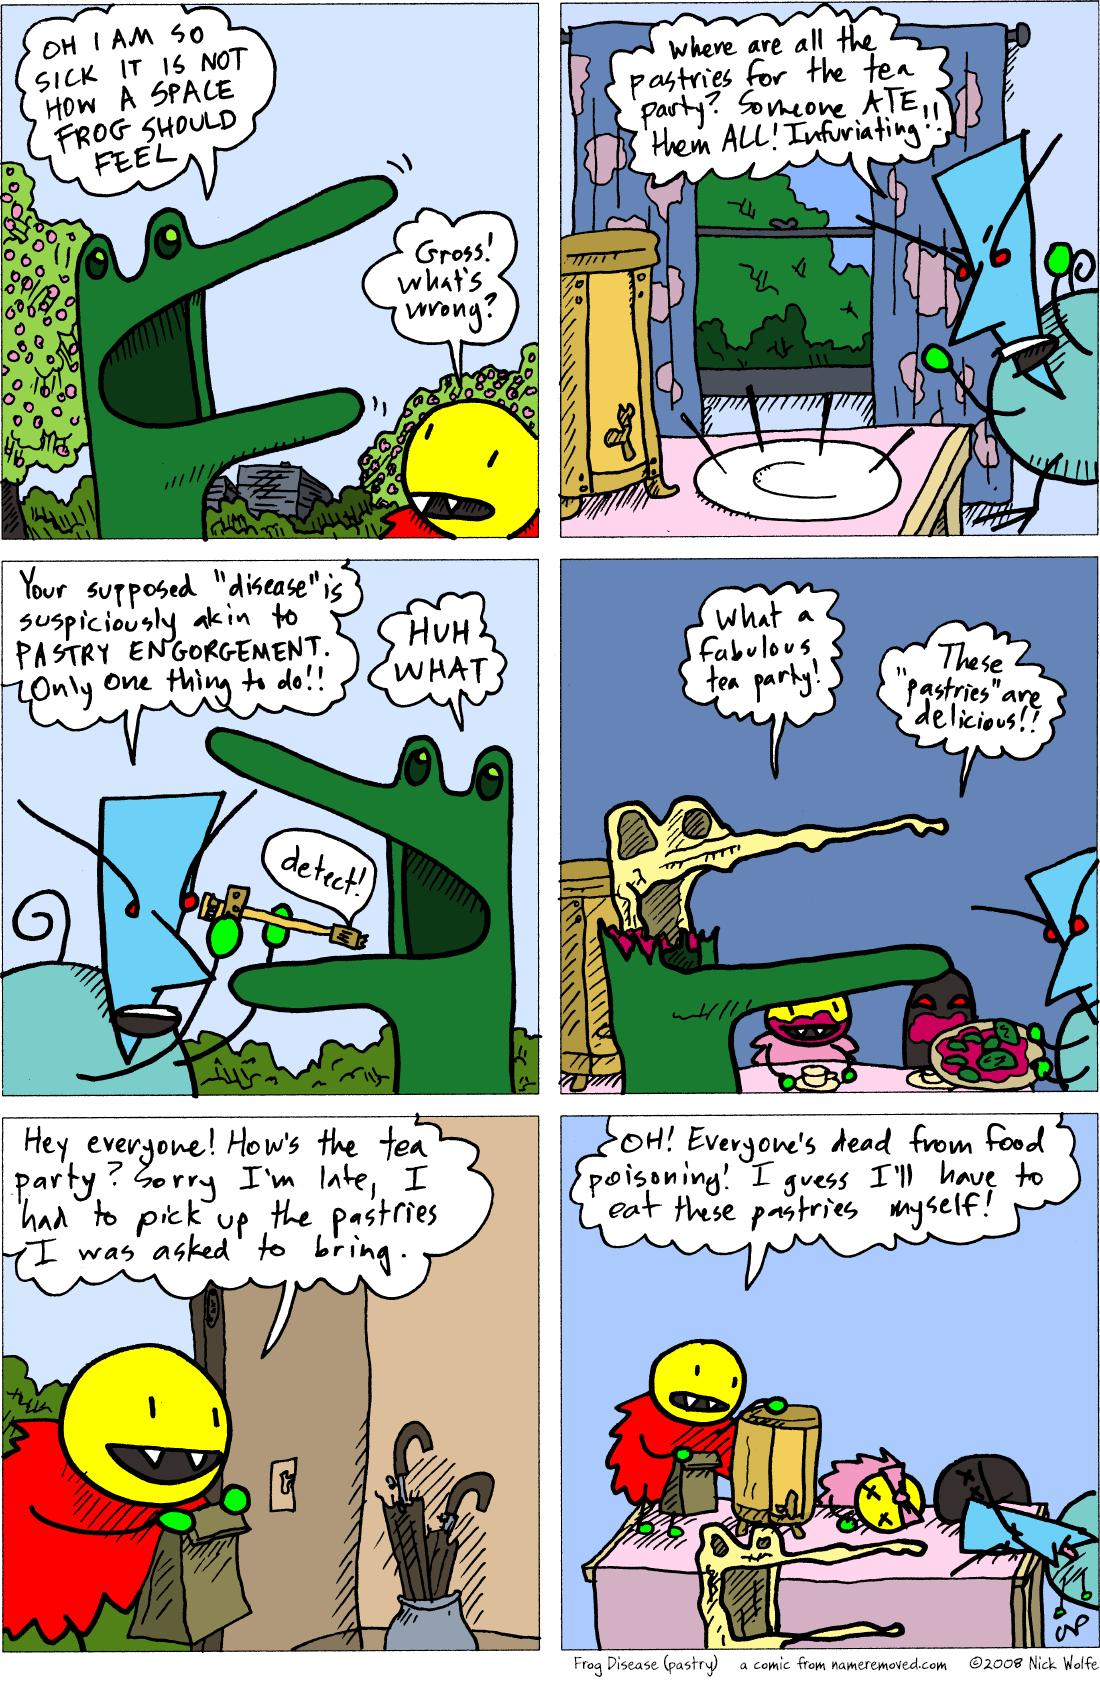 Frog Disease (pastry)